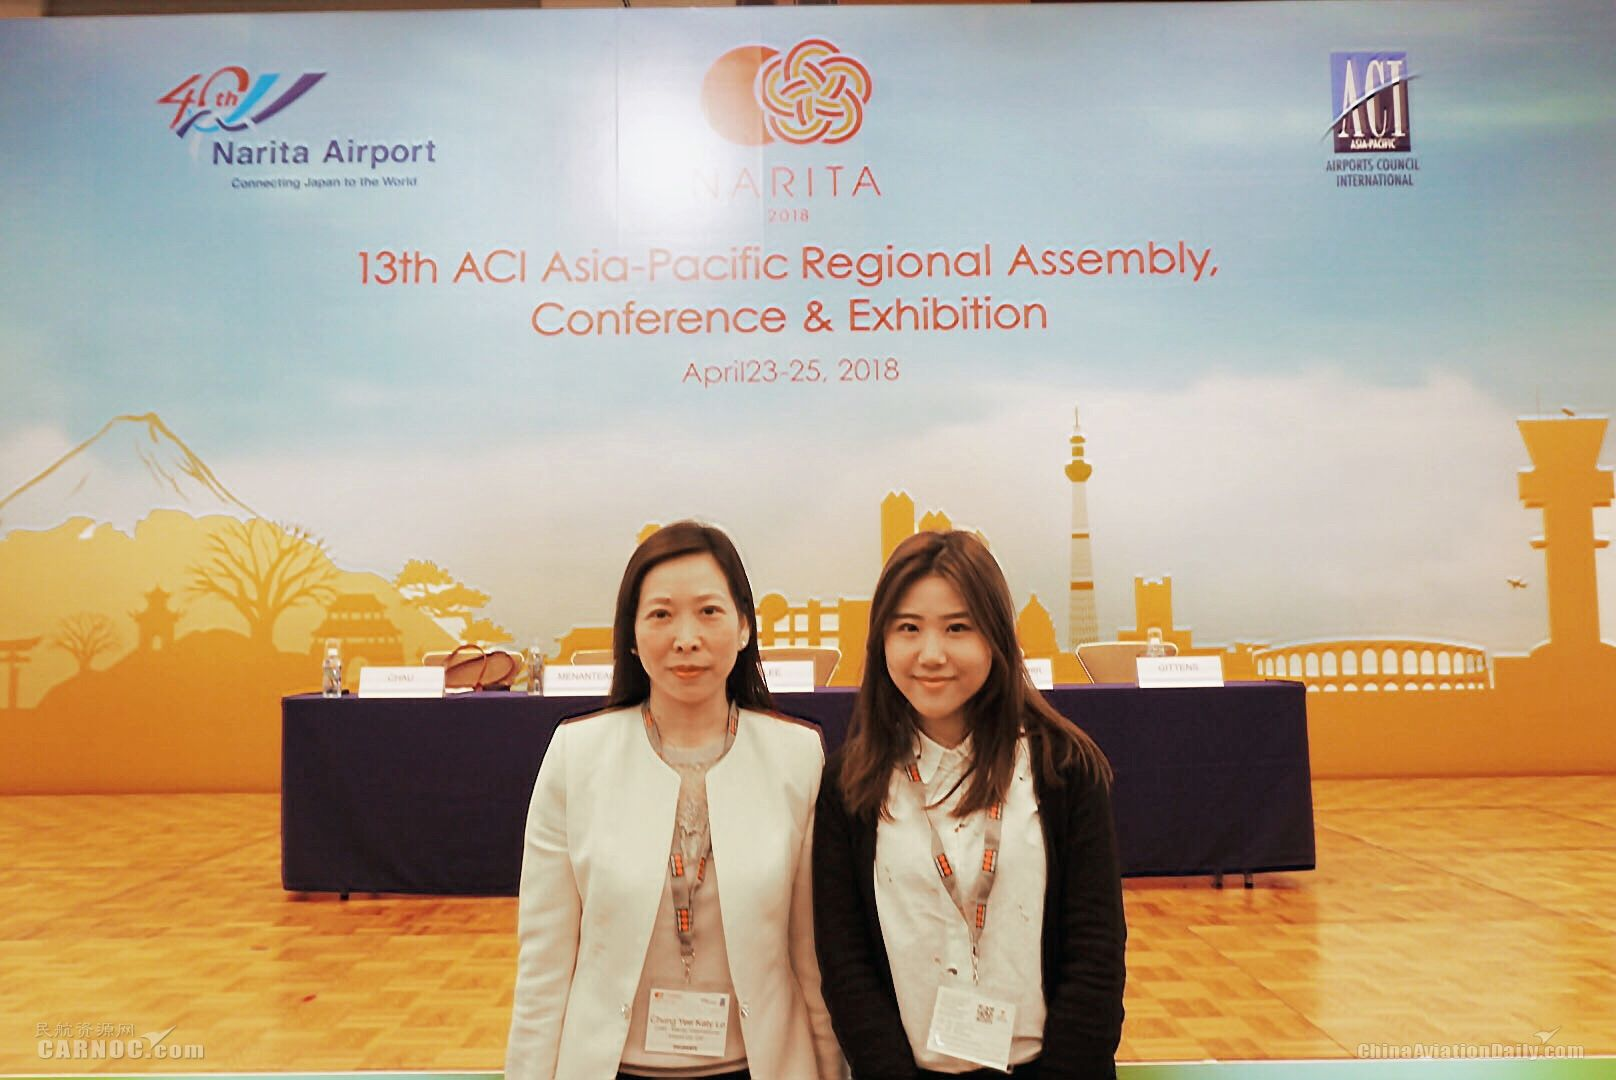 澳门机场代表出席国际机场协会亚太区会员大会